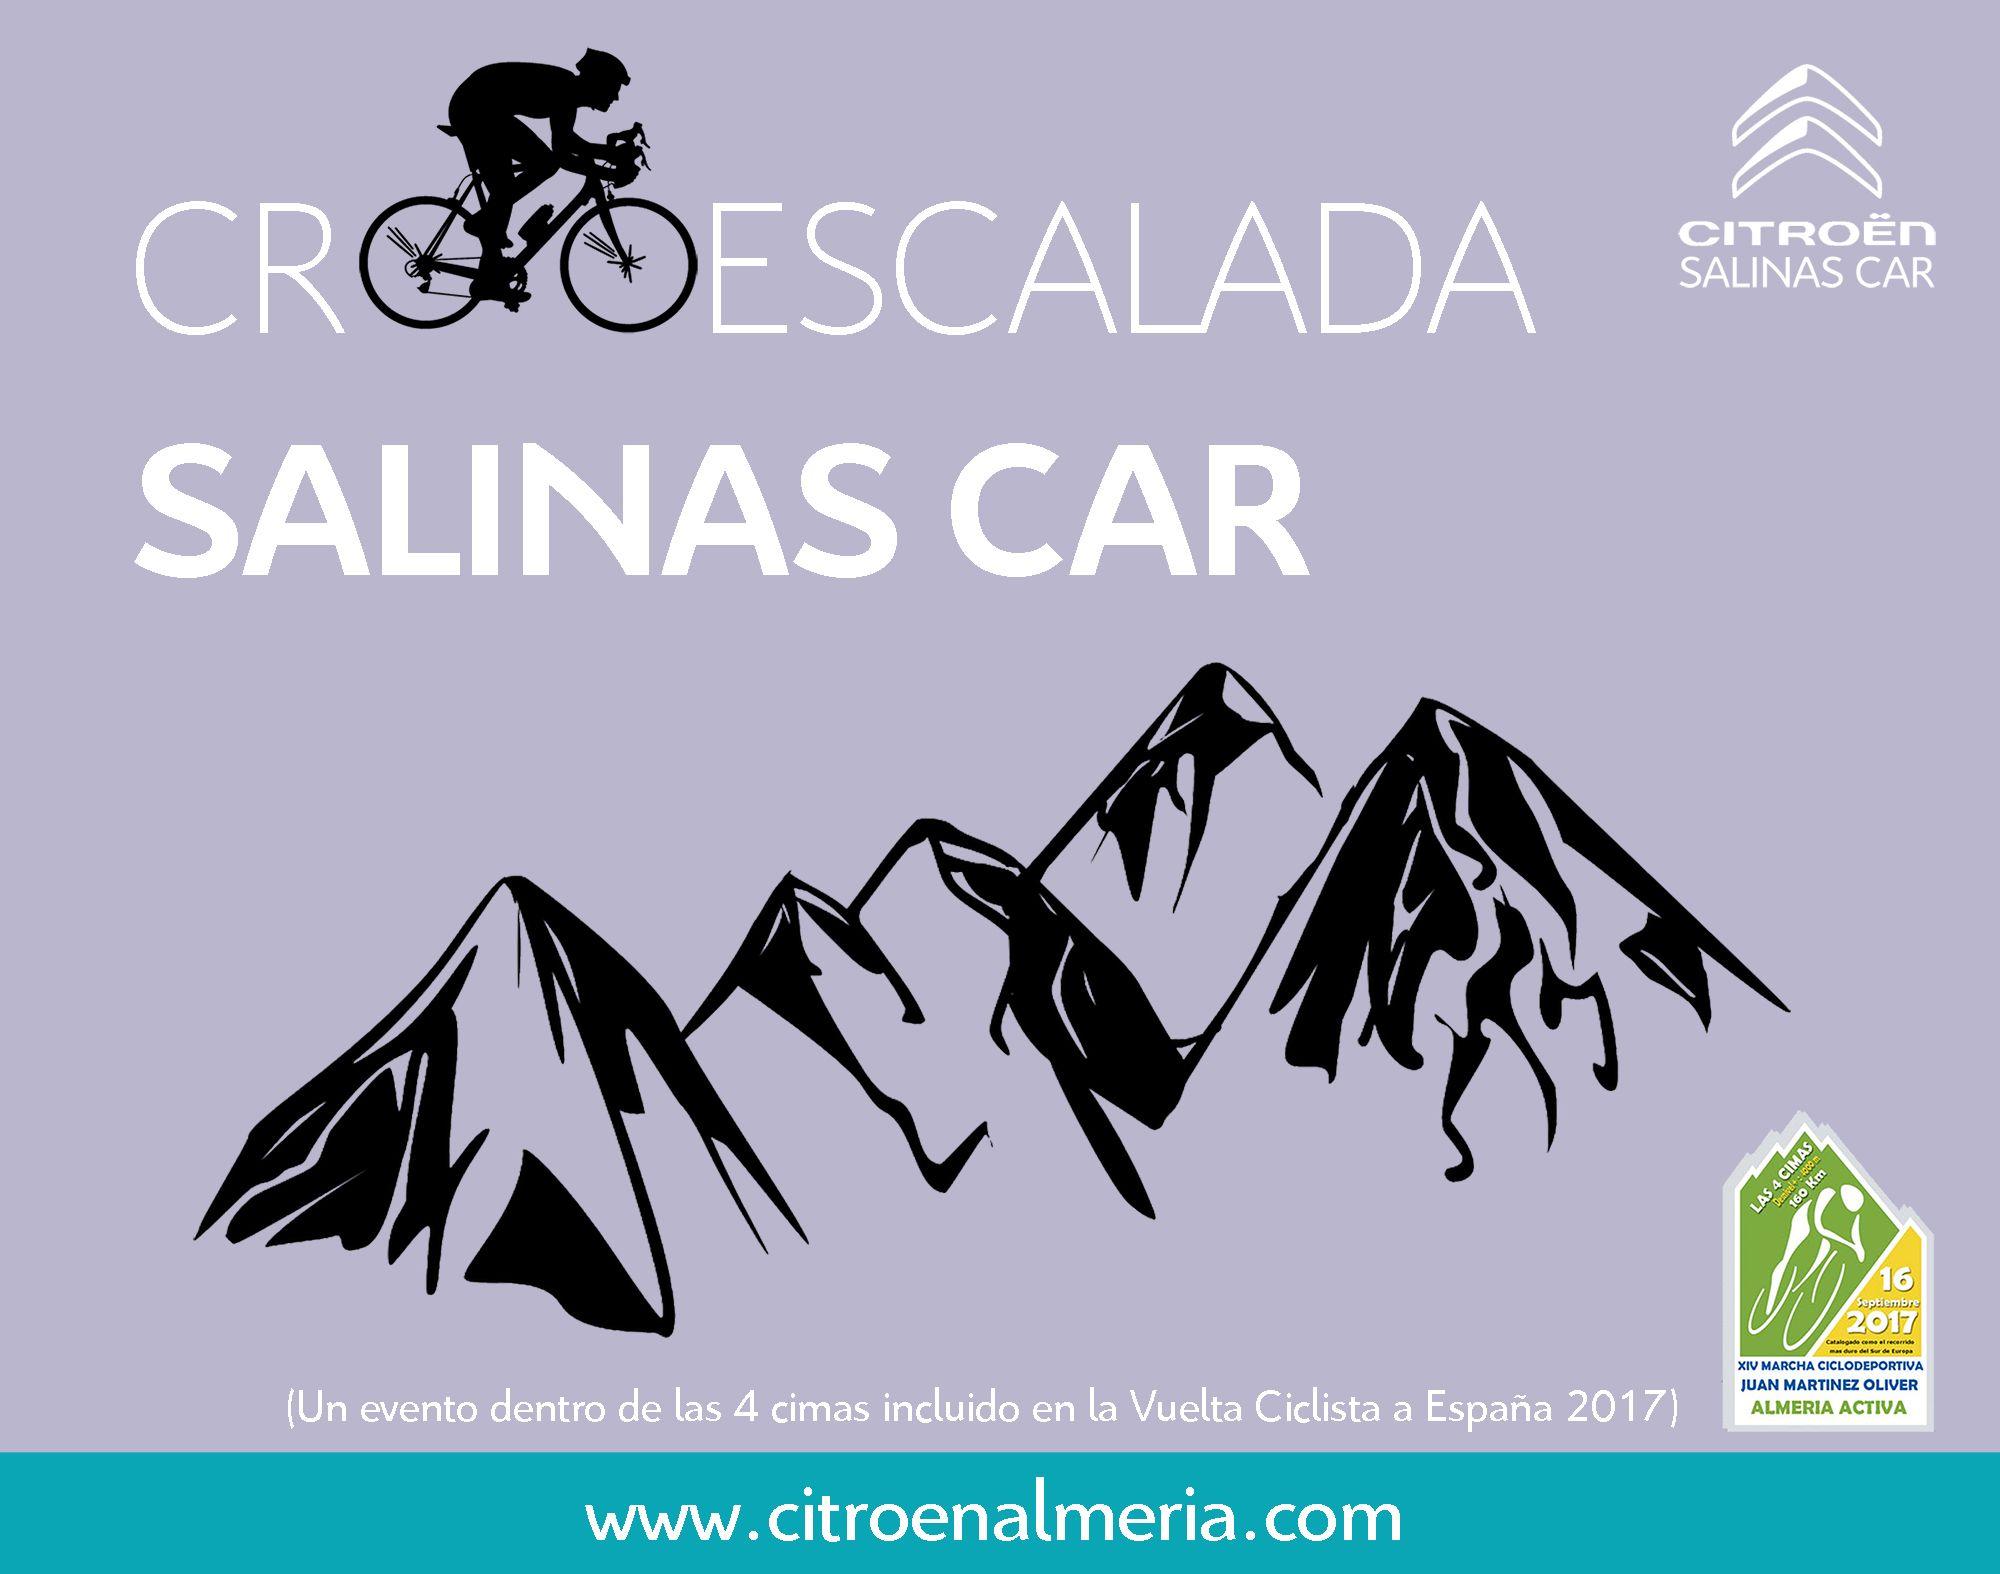 Citroën Salinas Car patrocinador oficial de la Marcha Cicloturista Martínez Oliver